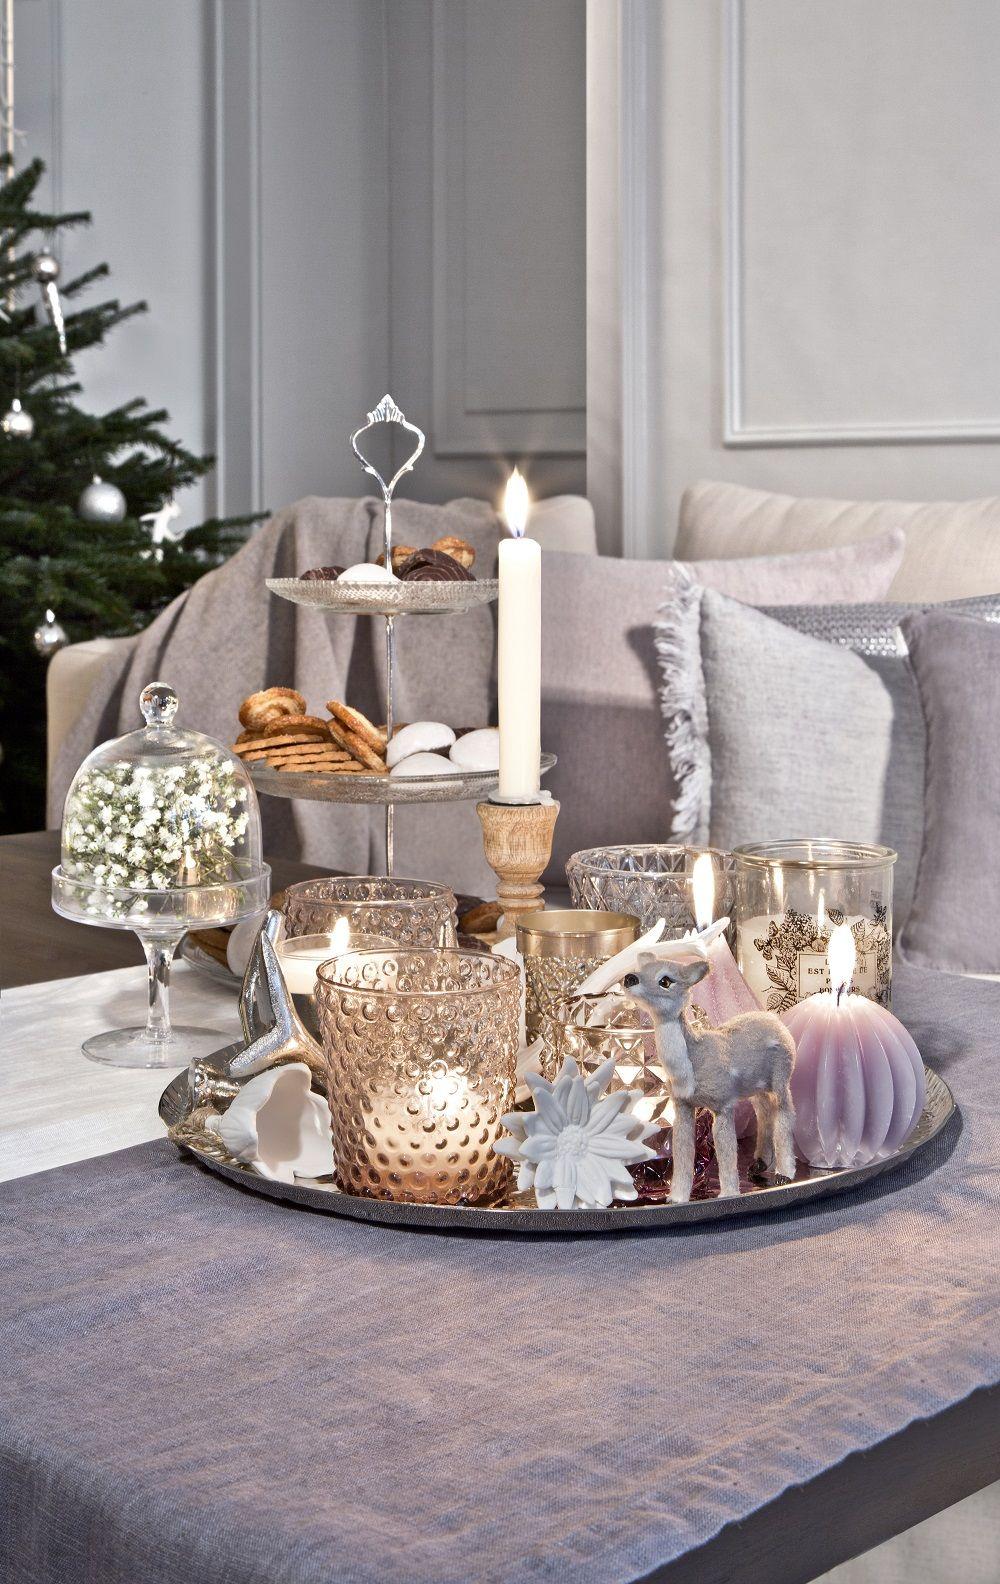 So funktioniert der Look»Cozy Country Christmas«: Ein Muss für diesen  Look sind viele Kerzen! Windlichter und Kerzenalter aus Holz, weißem Porzellan, sowie getöntem Glas passen besonders gut. // Deko Weihnachten WeihnachtsDekoration Lichter Kerzen Windlichter Tablett Dekorieren Advent #Weihnachten #WeihnachtsDekoration #Deko #Kerzen #Lichter #christmasdeko